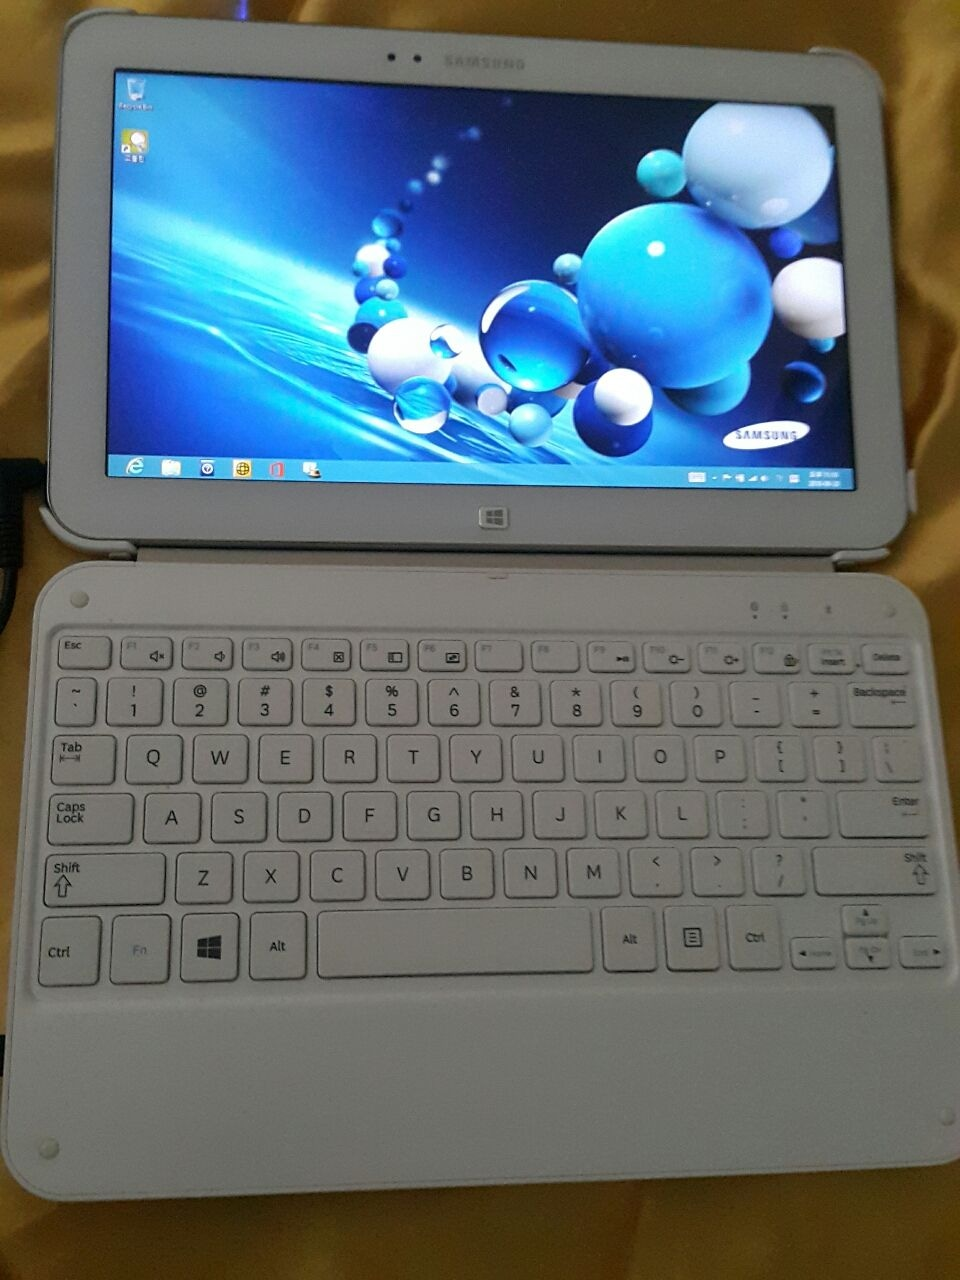 samsung ATIV Tab3/고성능 태블릿